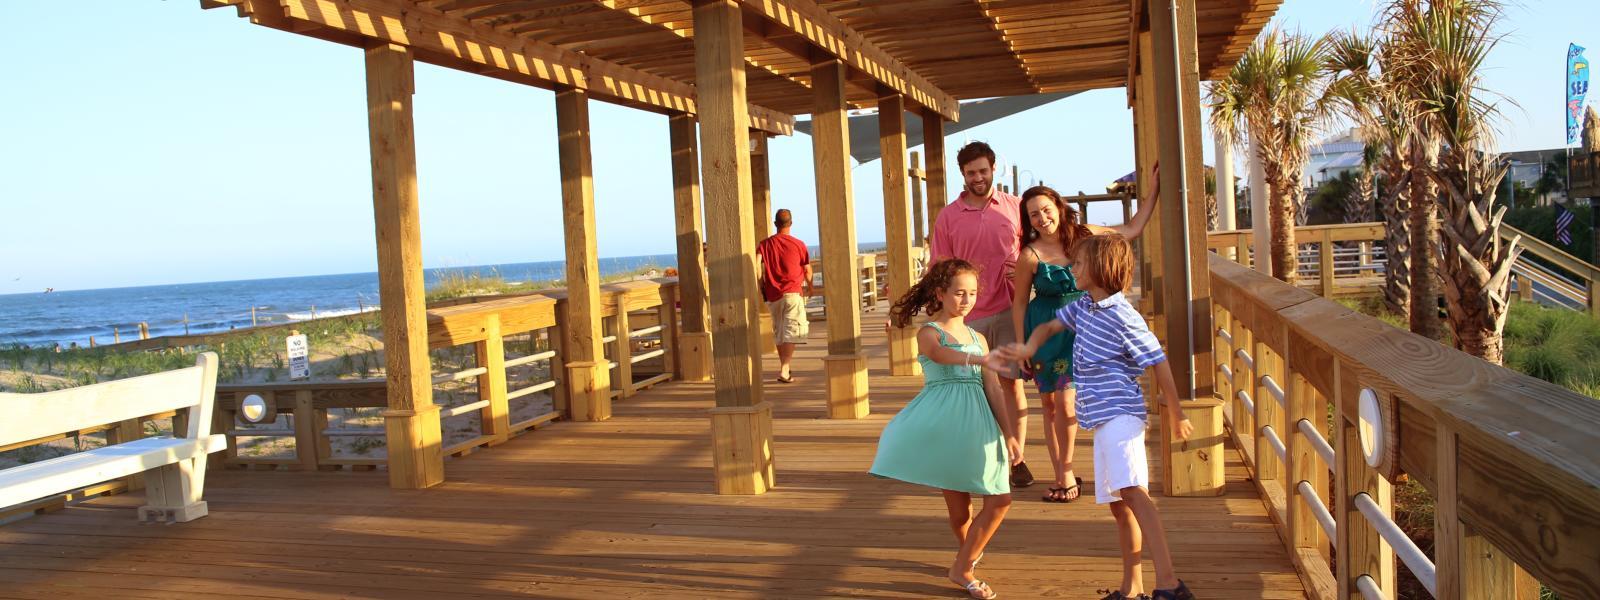 Wilmington Boardwalks Piers Ocean